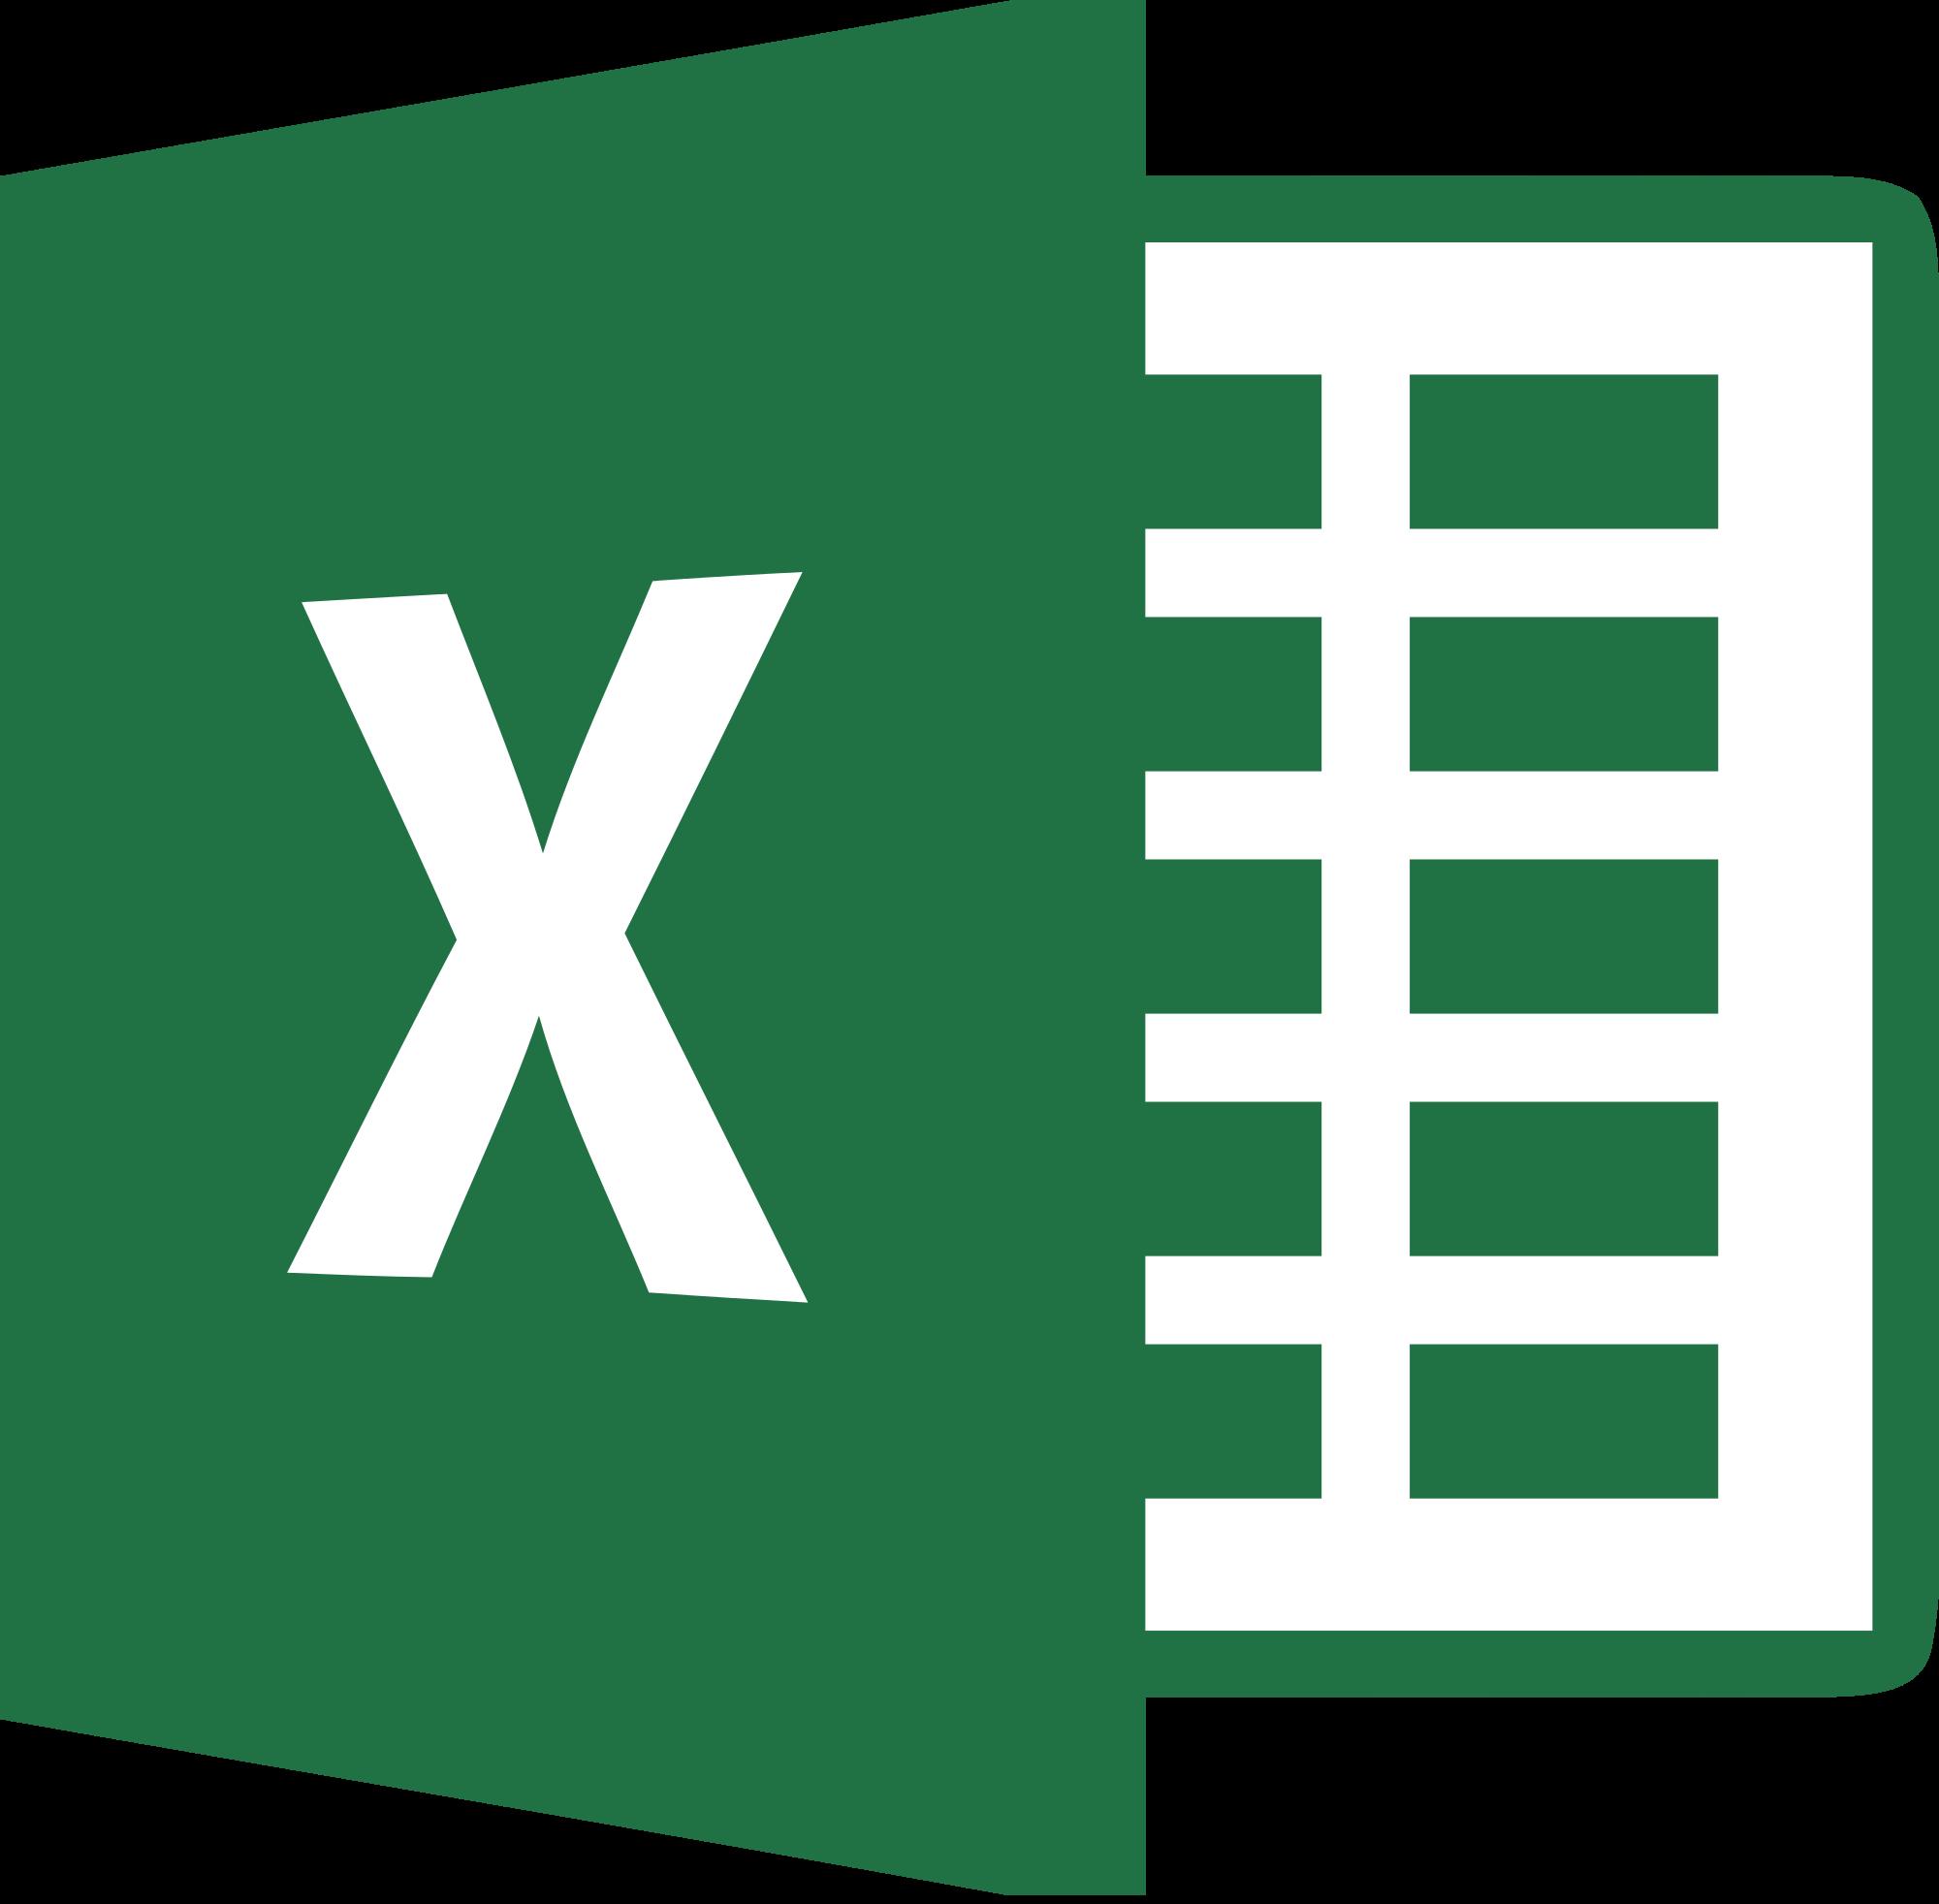 ZDZ Zakład Doskonalenia Zawodowego Logo photo - 1